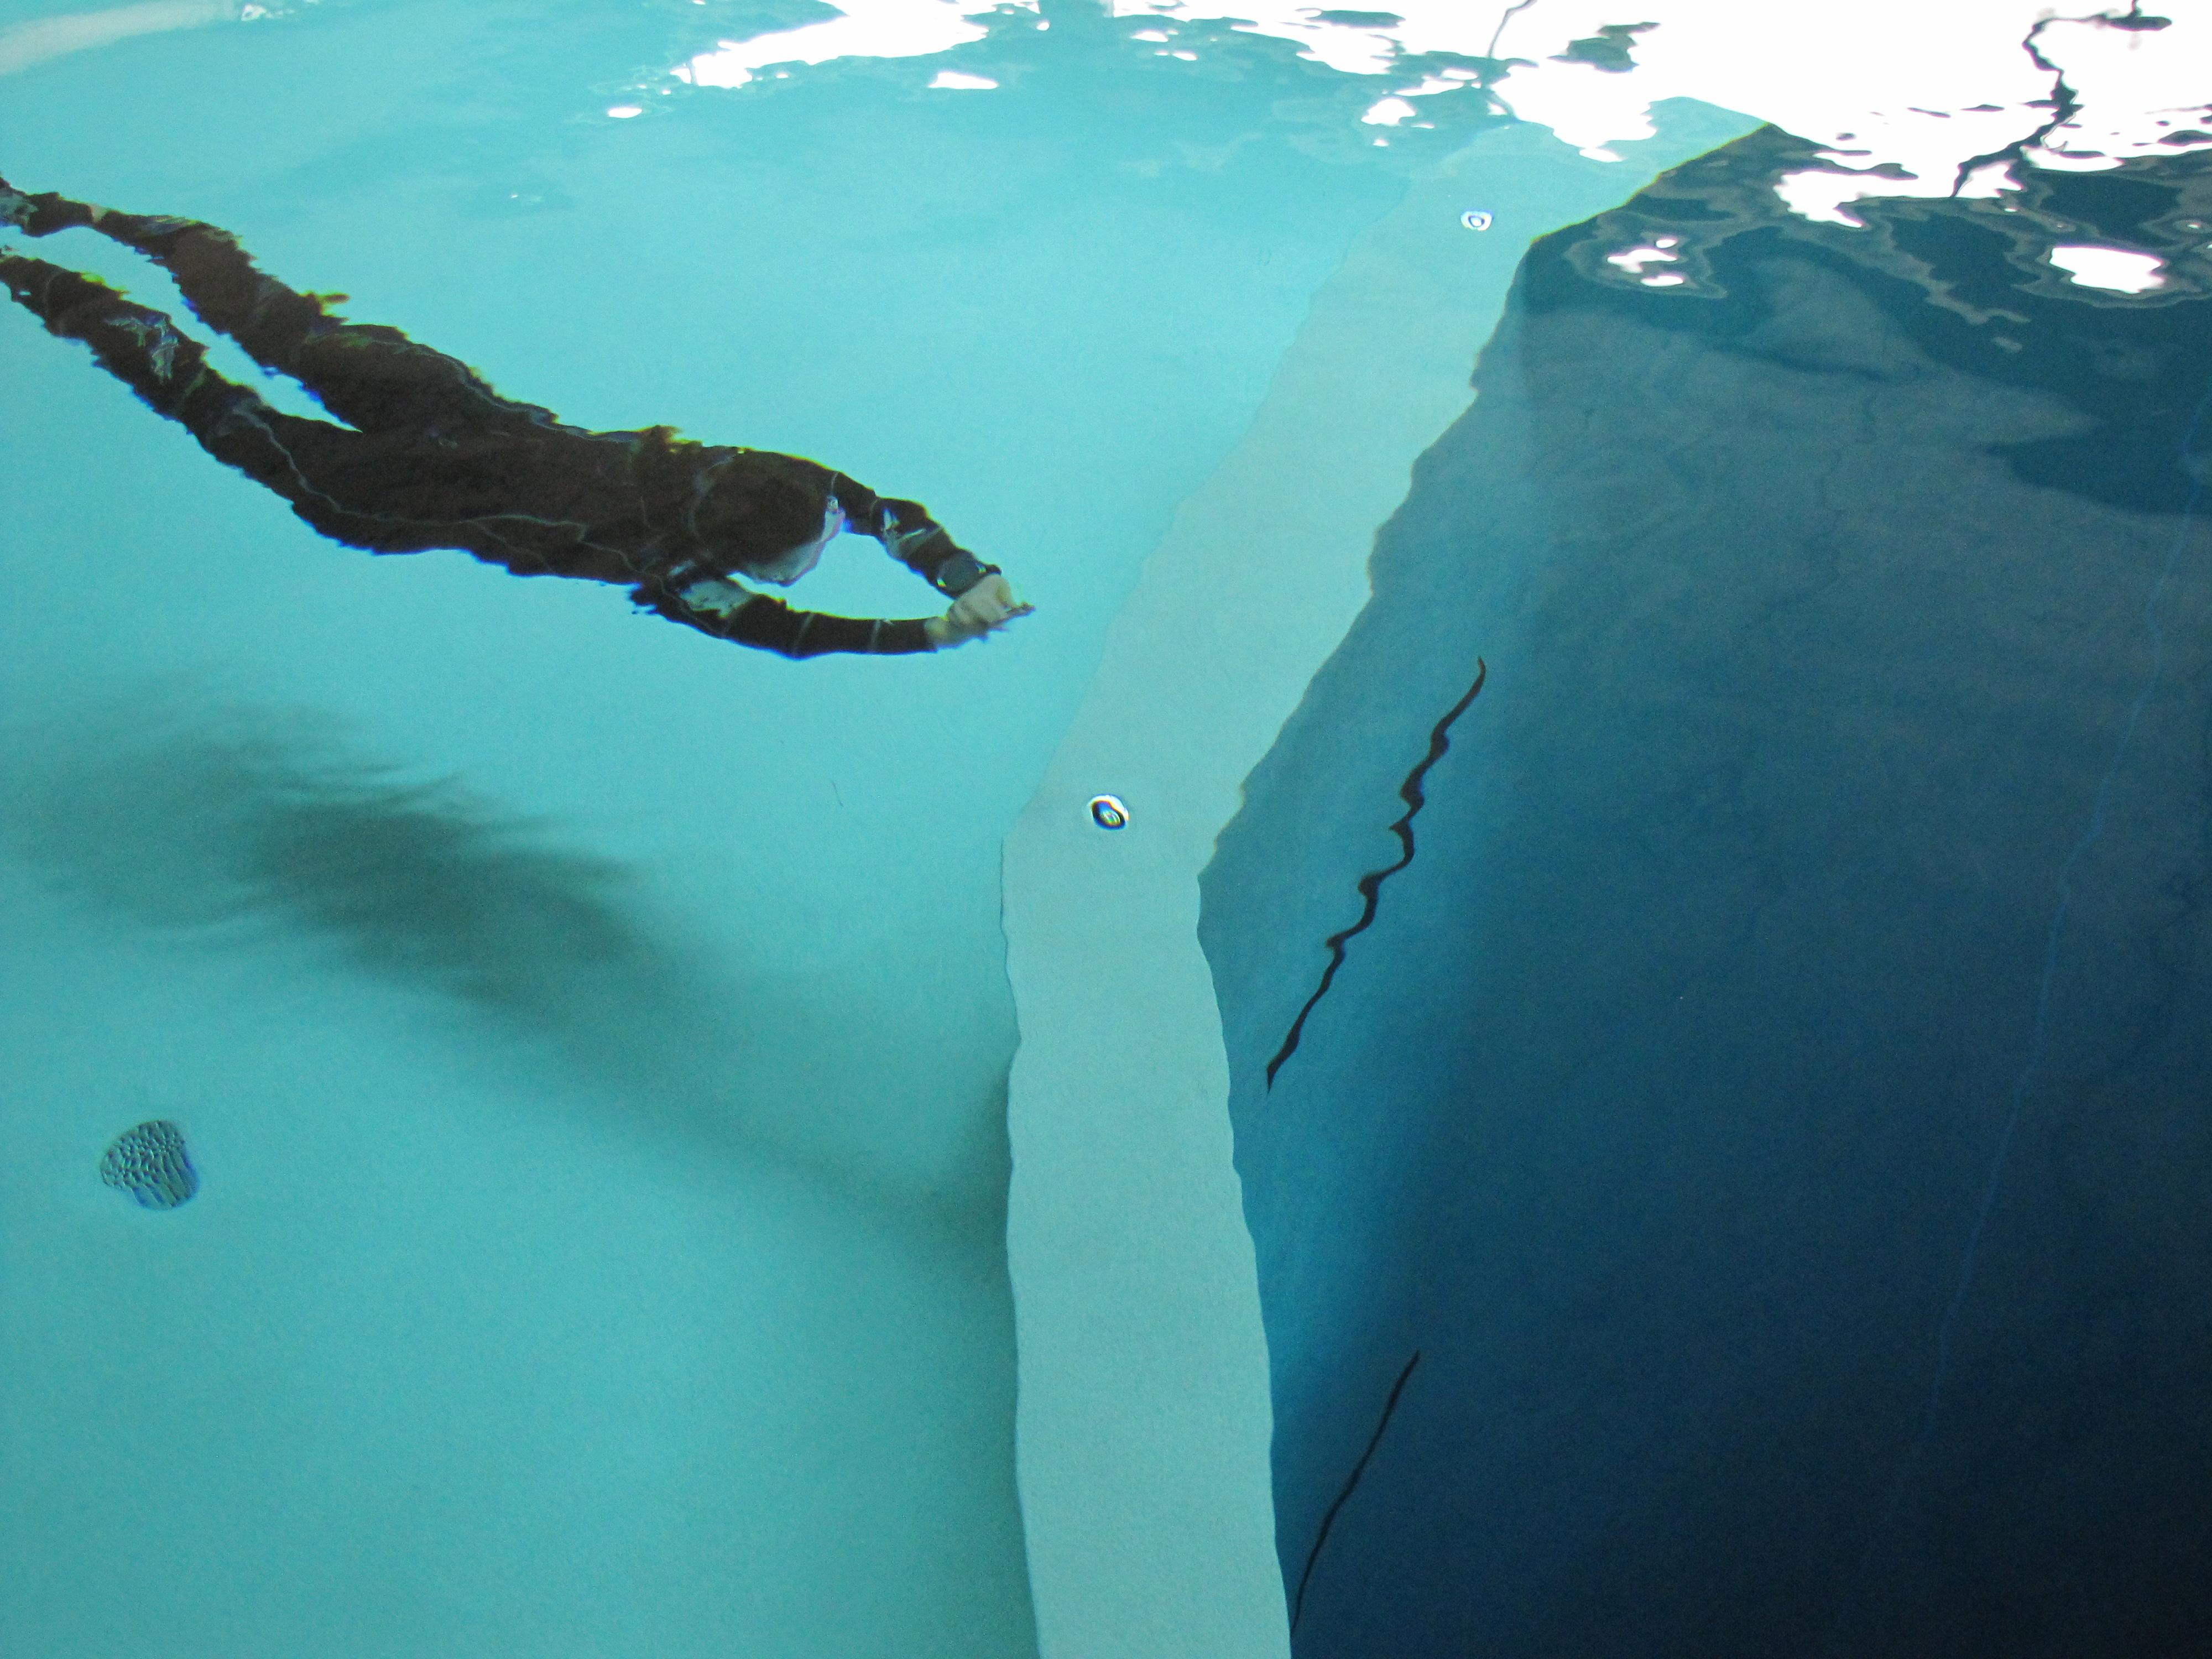 Apn e libre 77 apn e dynamique la piscine for Ask yourself why la piscine